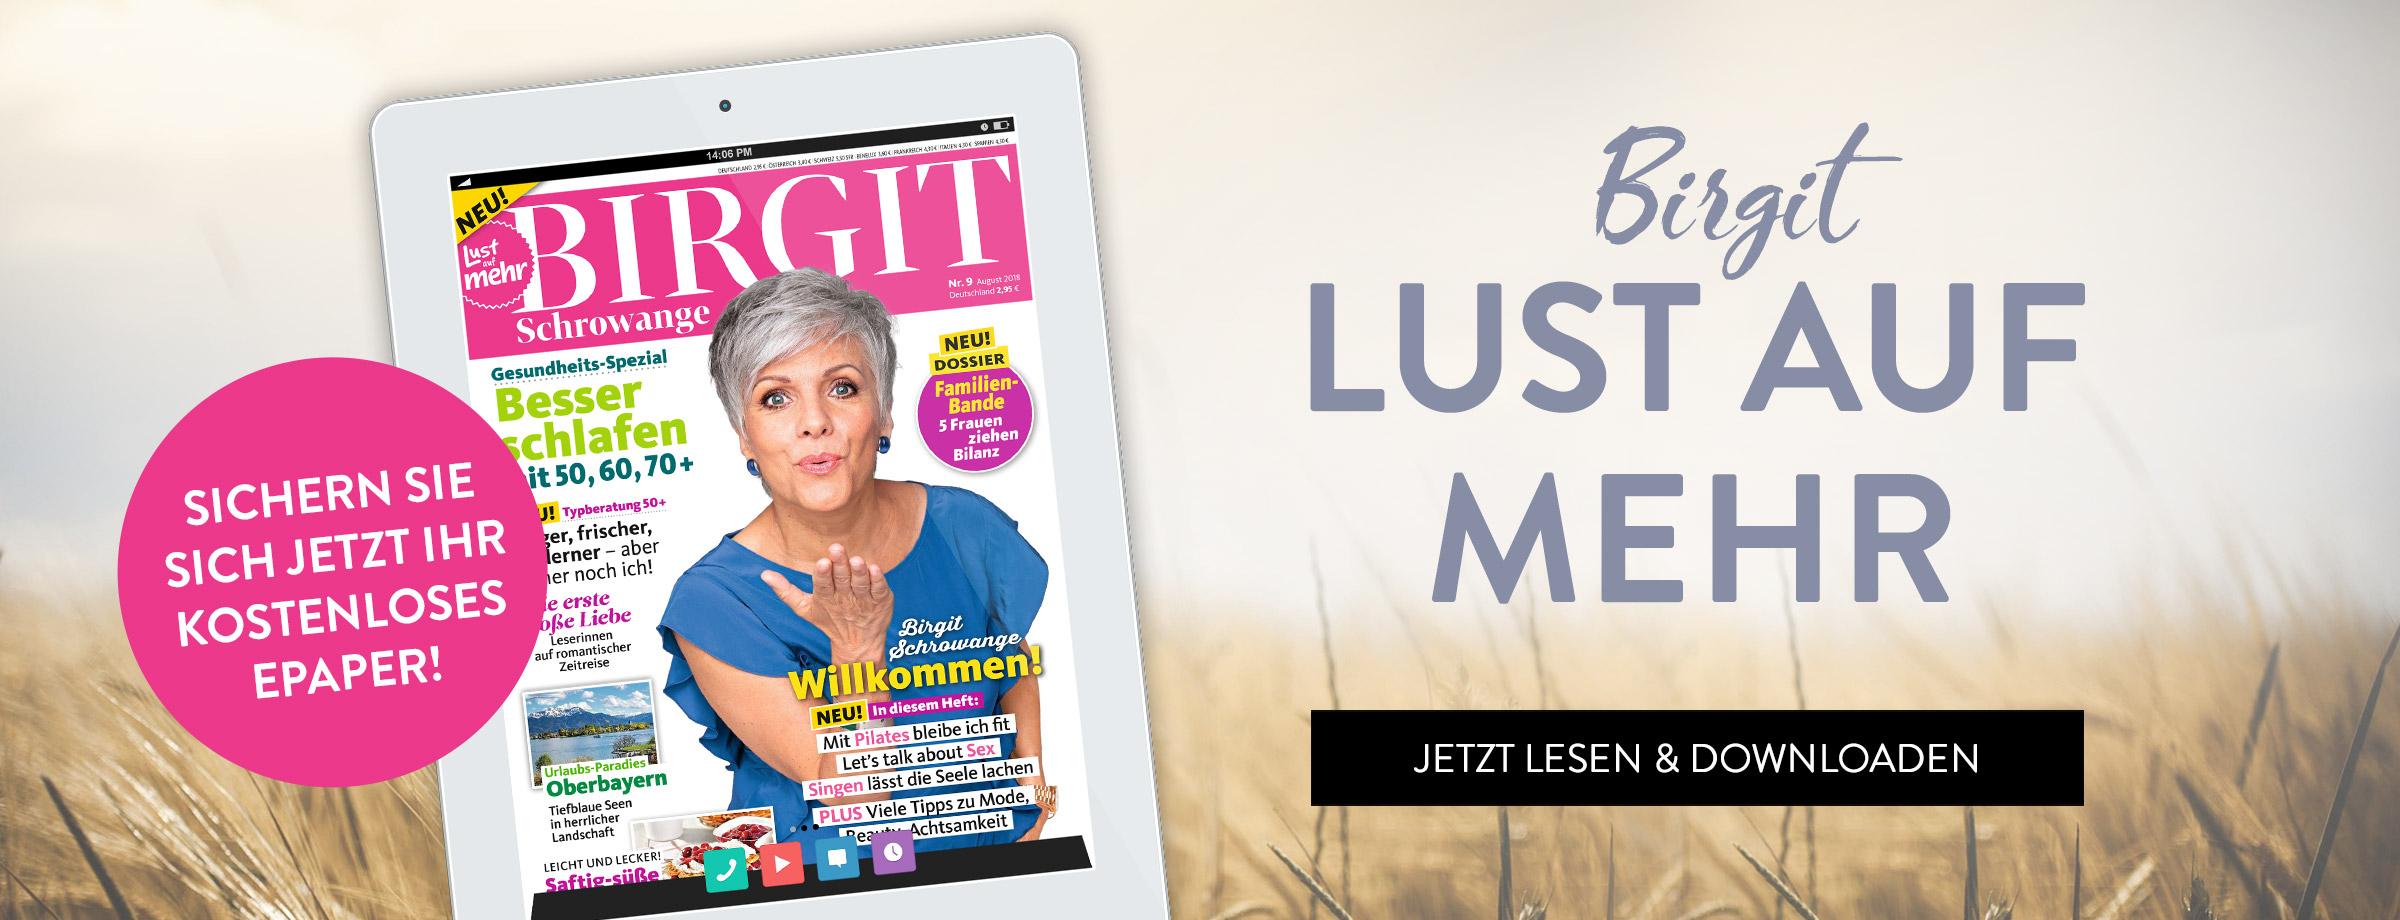 """Geschenk - eine kostenlose, digitale Ausgabe von """"BIRGIT - Lust auf mehr""""."""